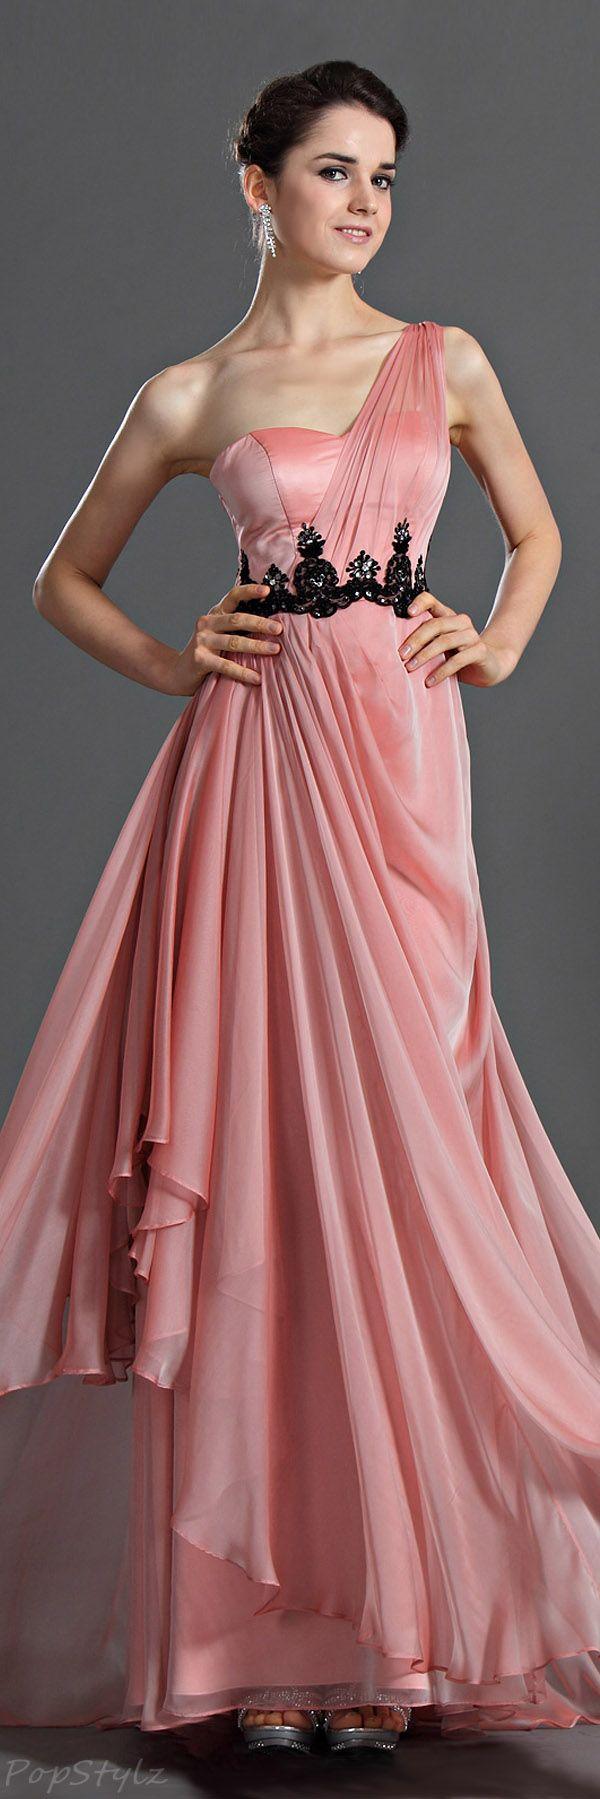 13 best Vestidos images on Pinterest | Formal prom dresses, Cocktail ...